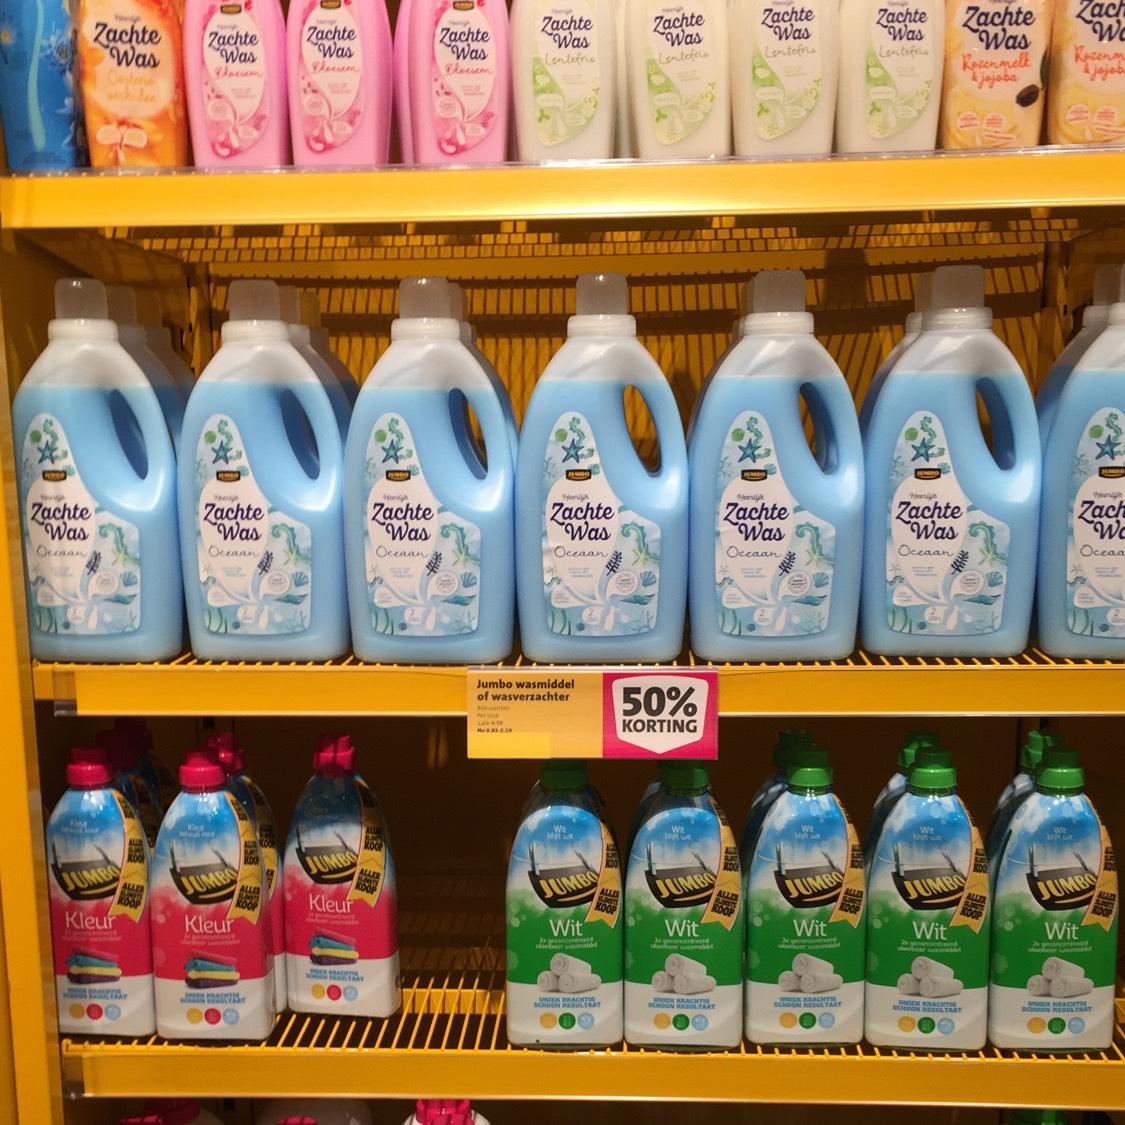 50% korting jumbo huismerk wasmiddel/wasverzachter  (Lokaal?!)